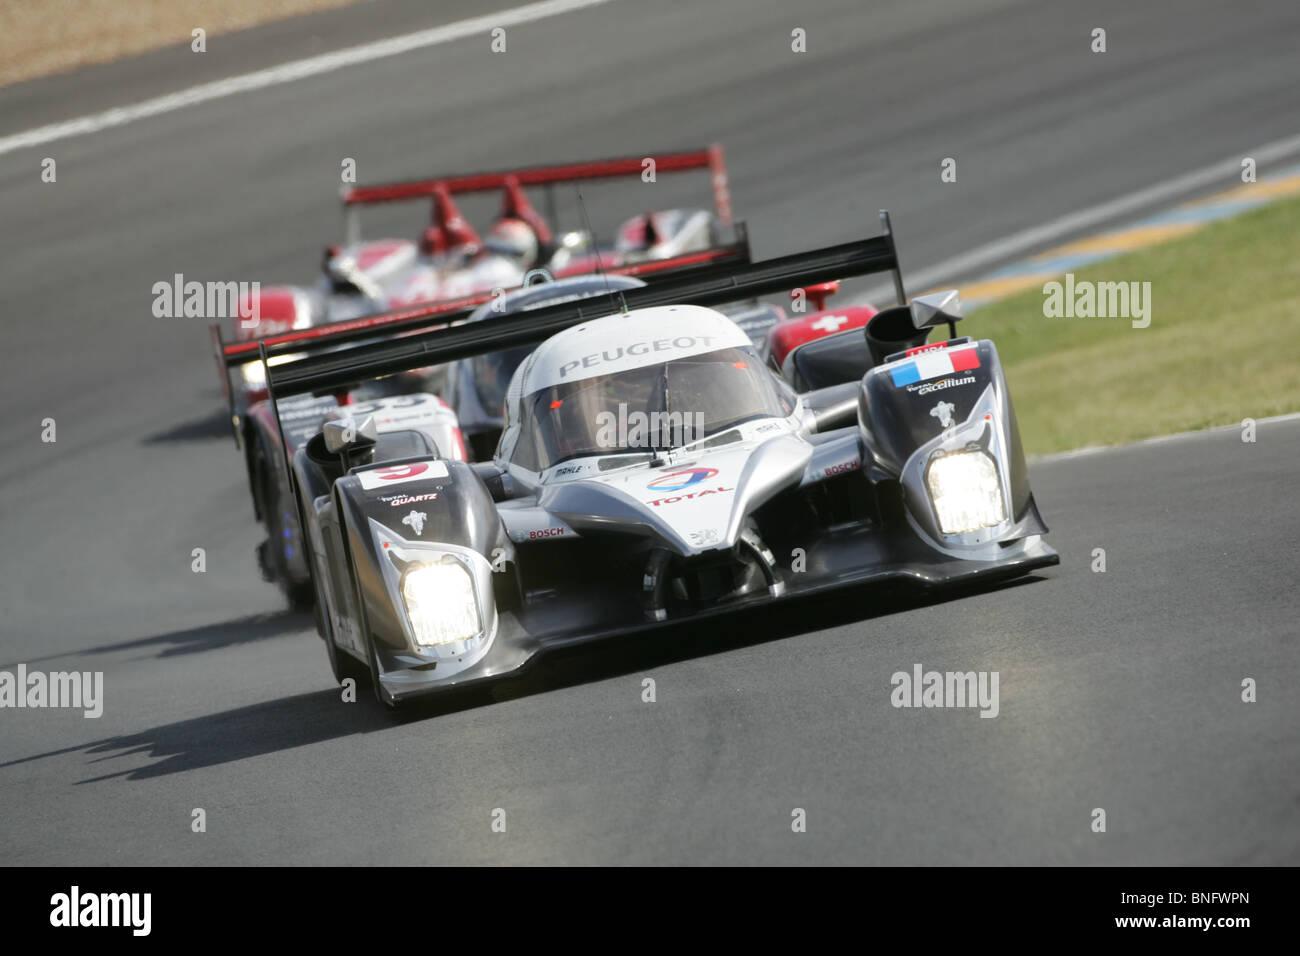 Peugeot LMP1-Sportwagen, Le Mans 24 Stunden. Stockbild